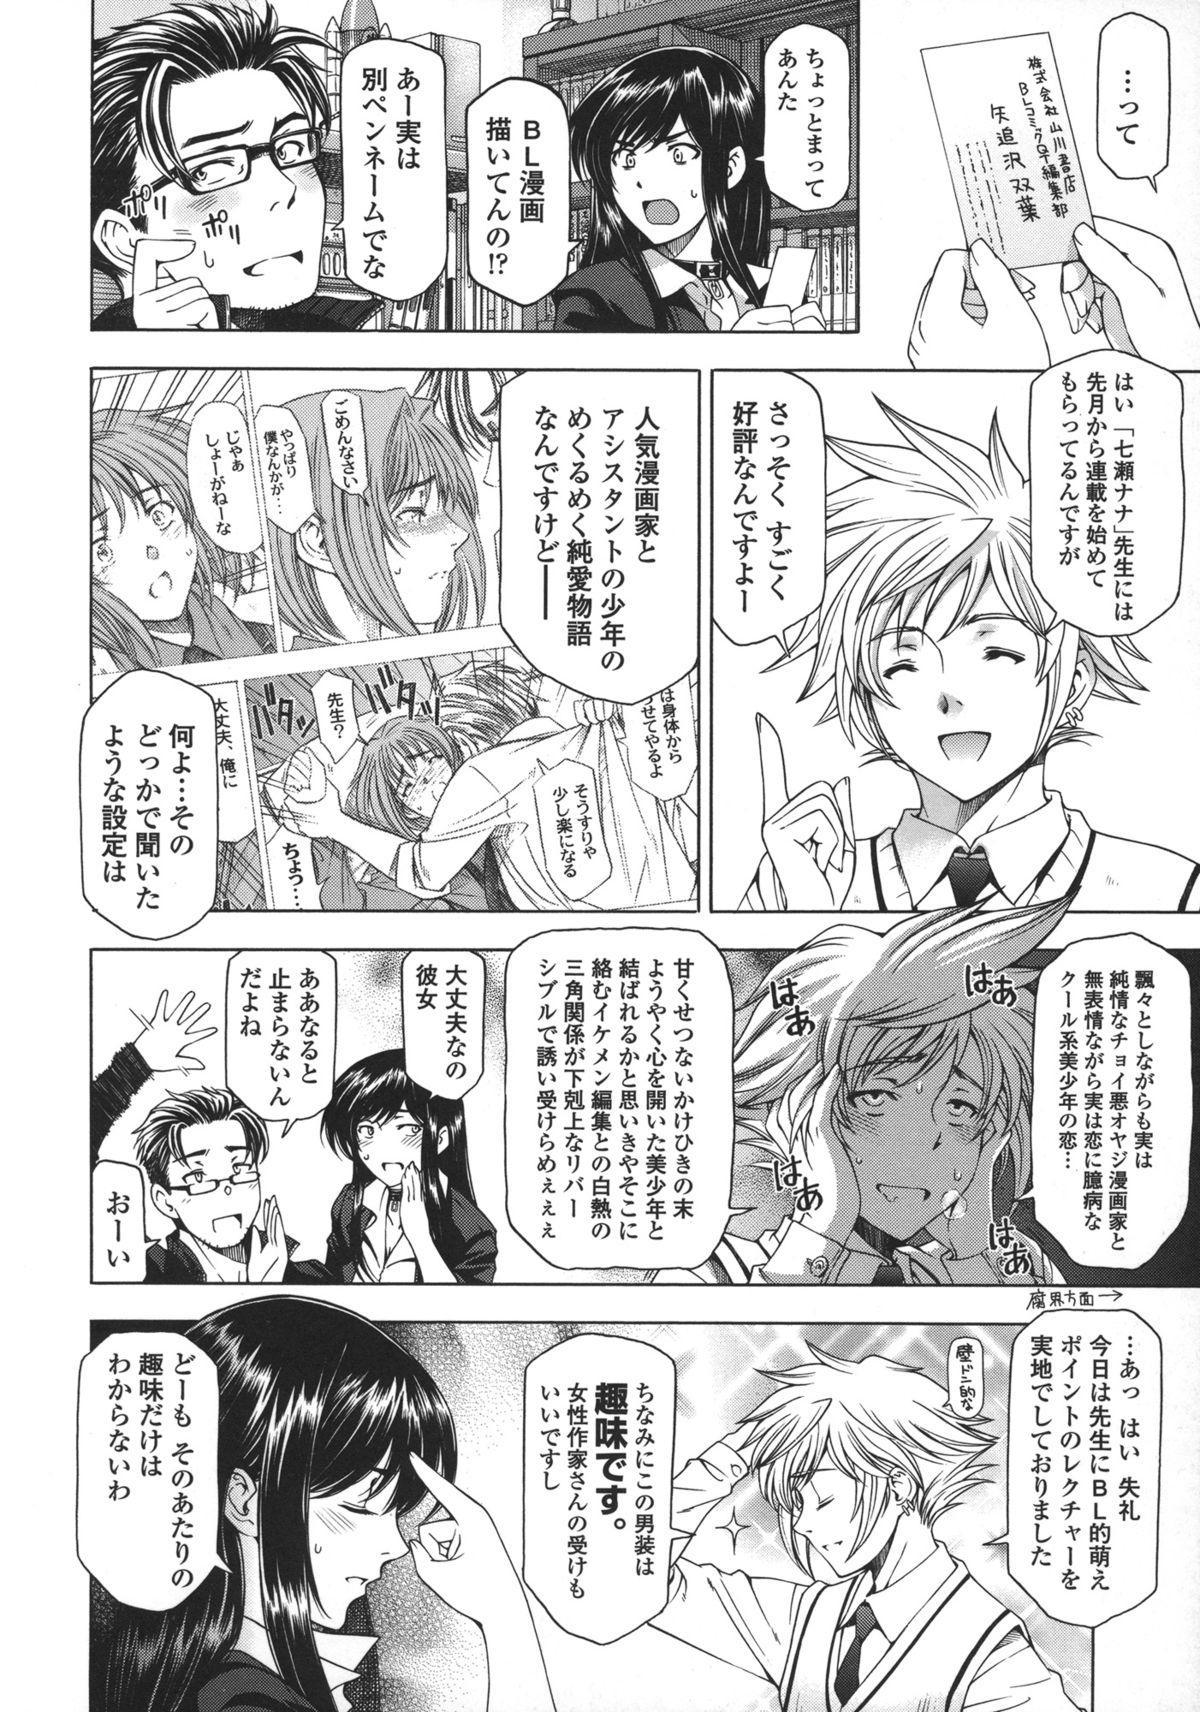 Ane wa Shota o Suki ni Naru 222